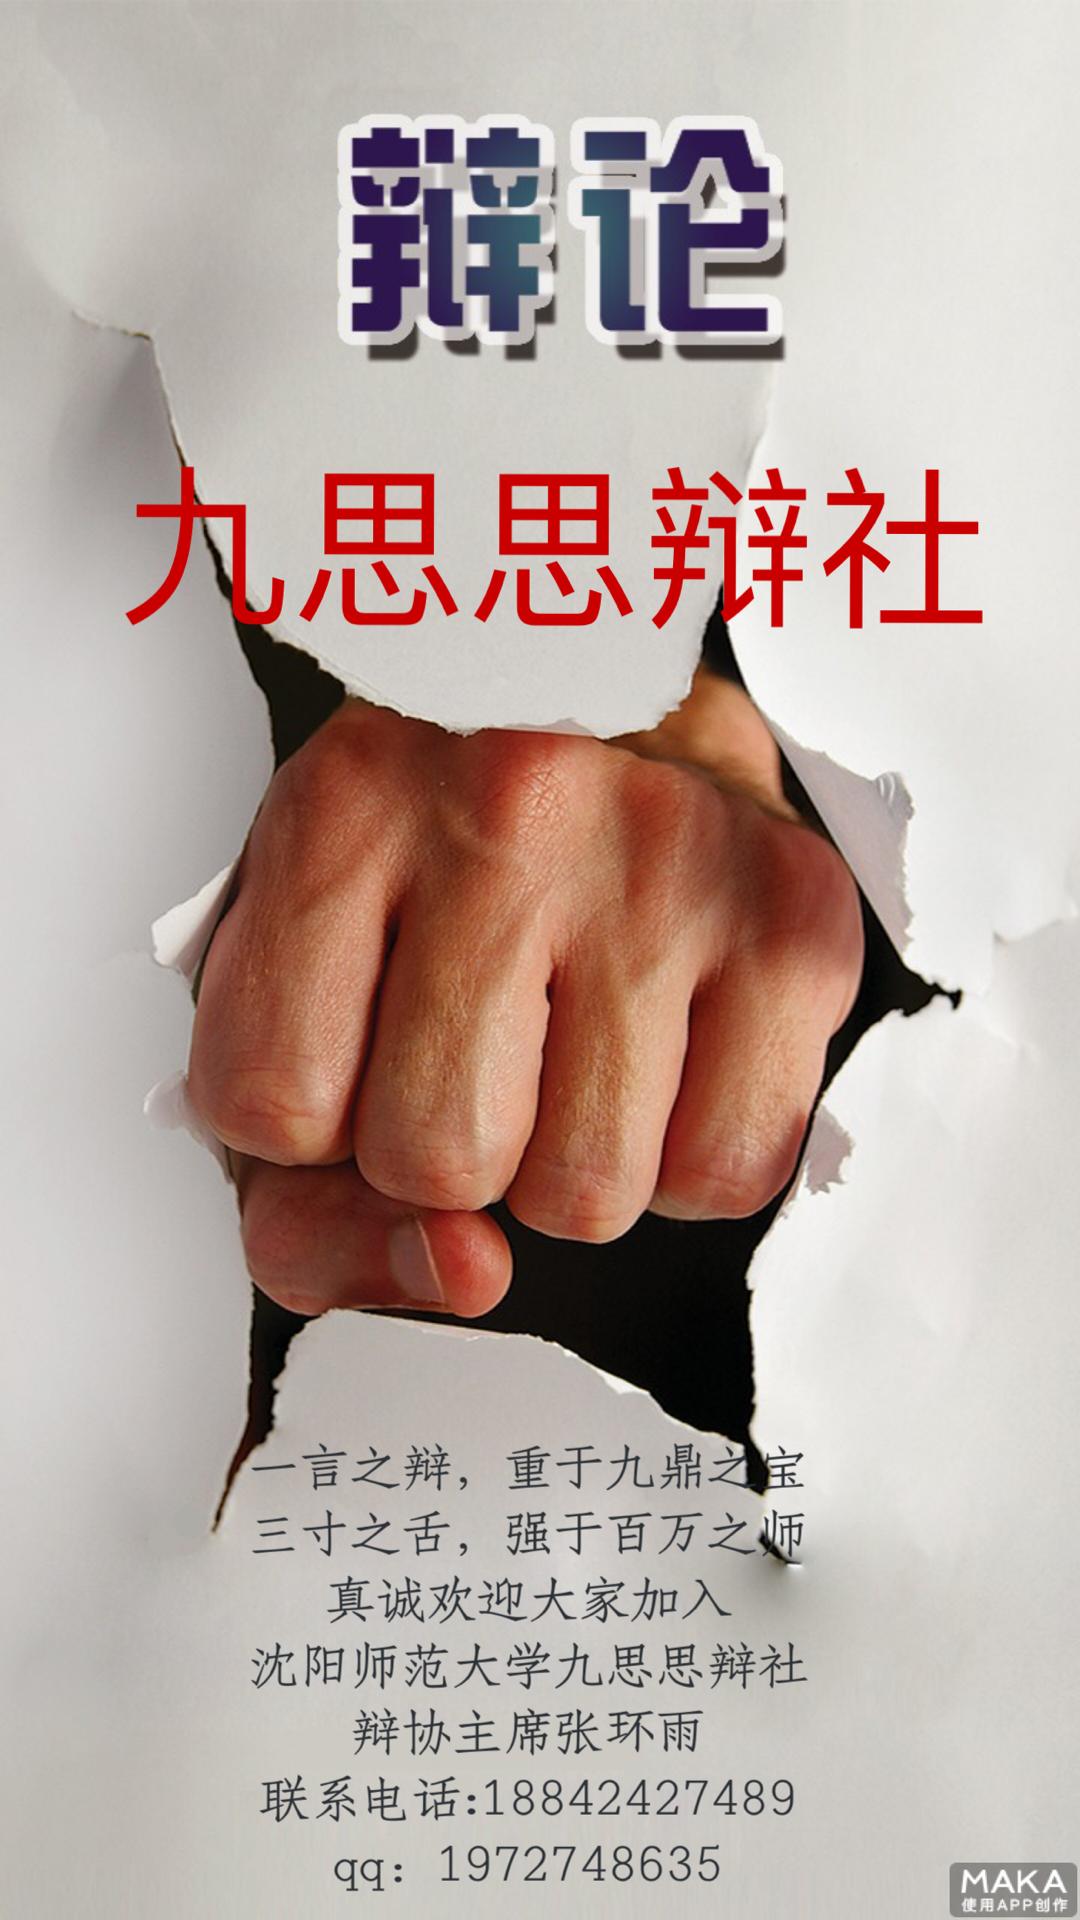 辩论社招新海报